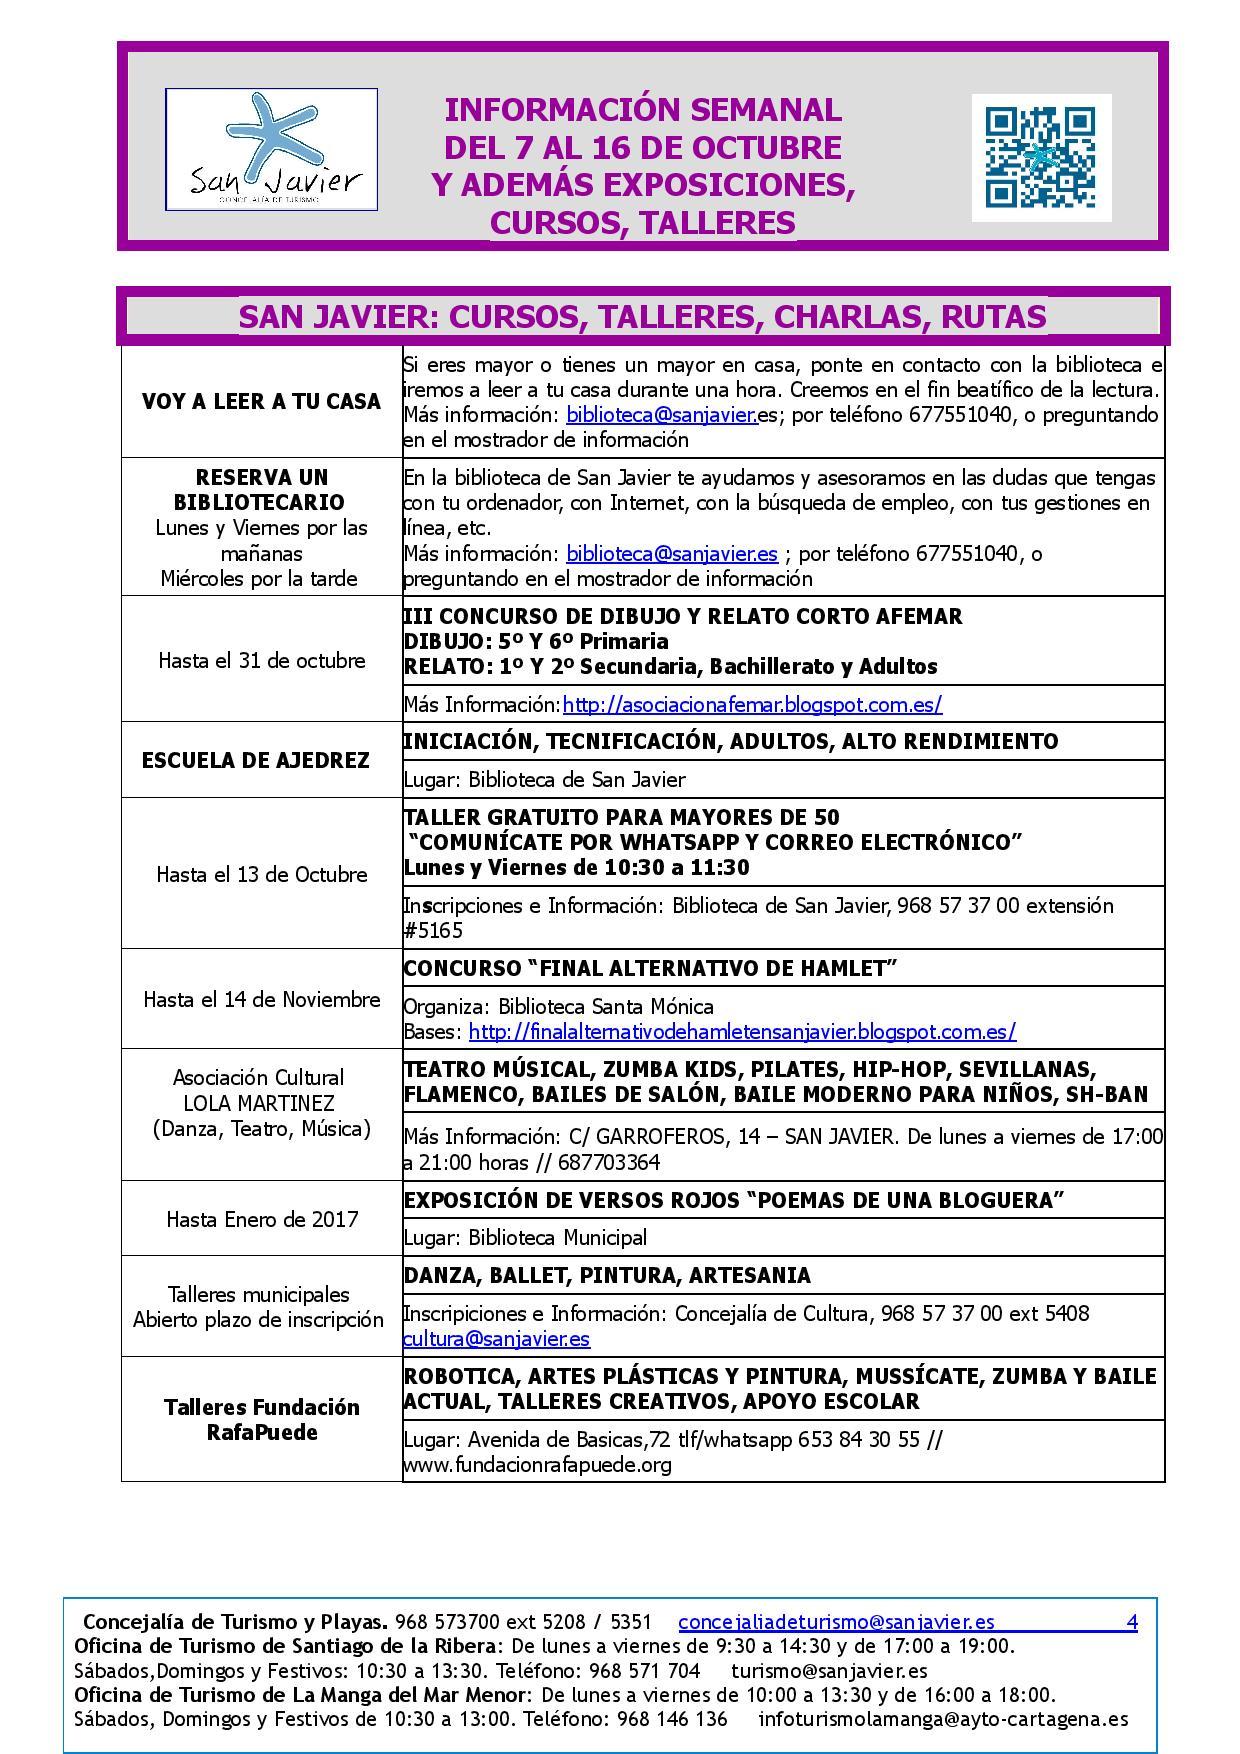 del-7-al-16-de-octubre-page-003